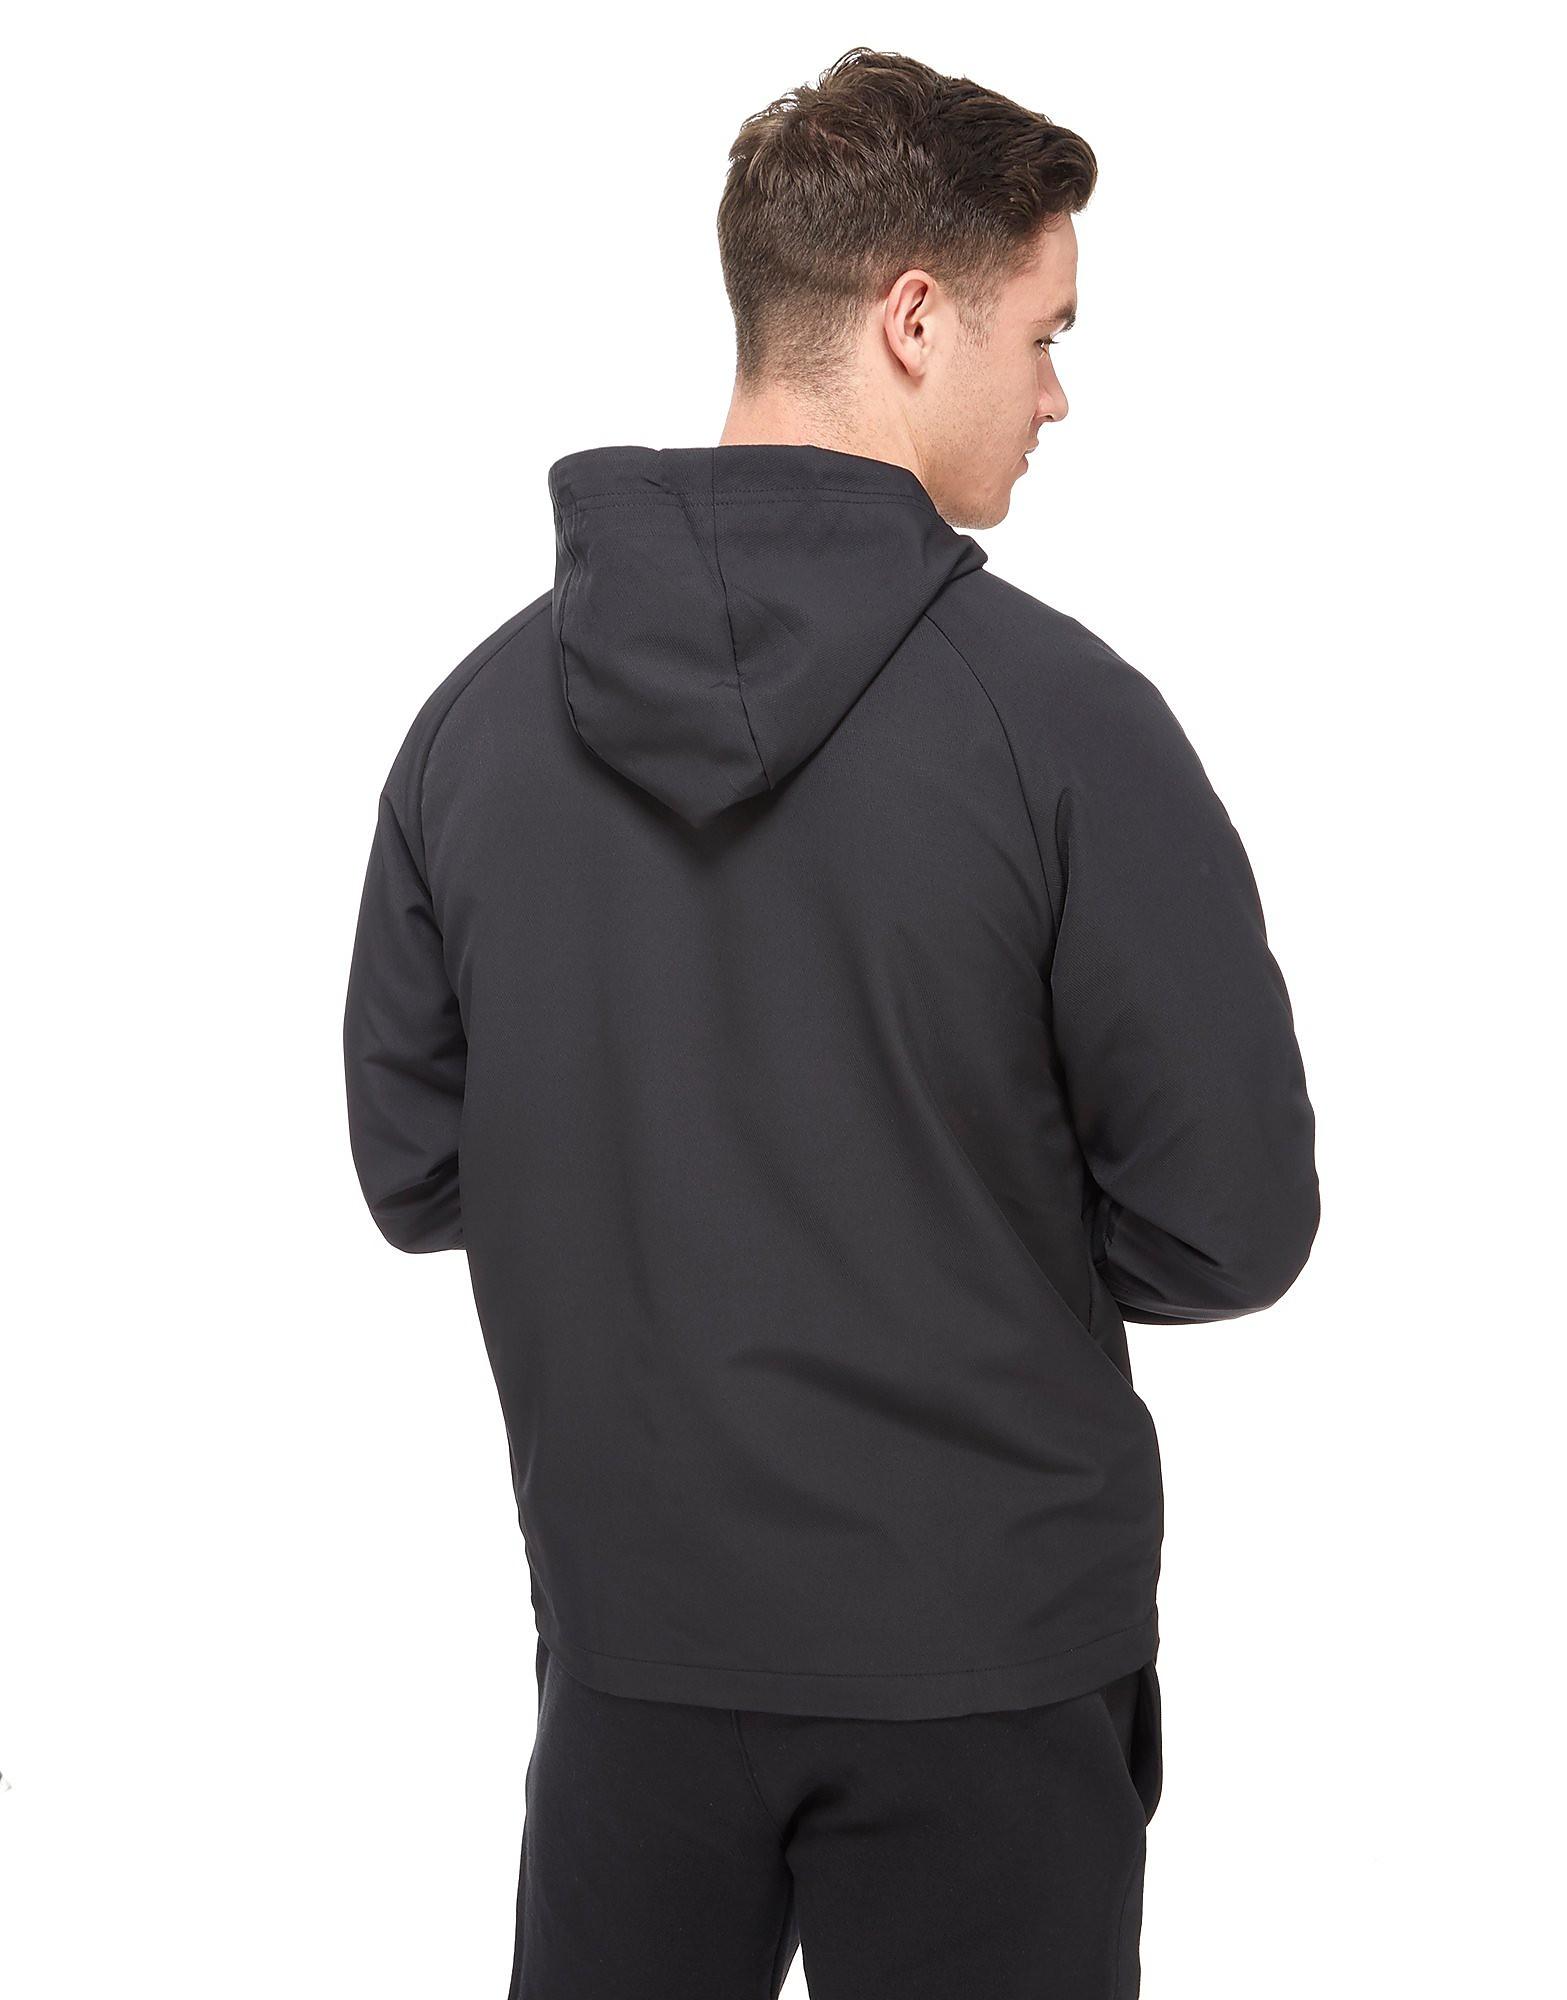 Nike chaqueta Shut Out 2 Woven